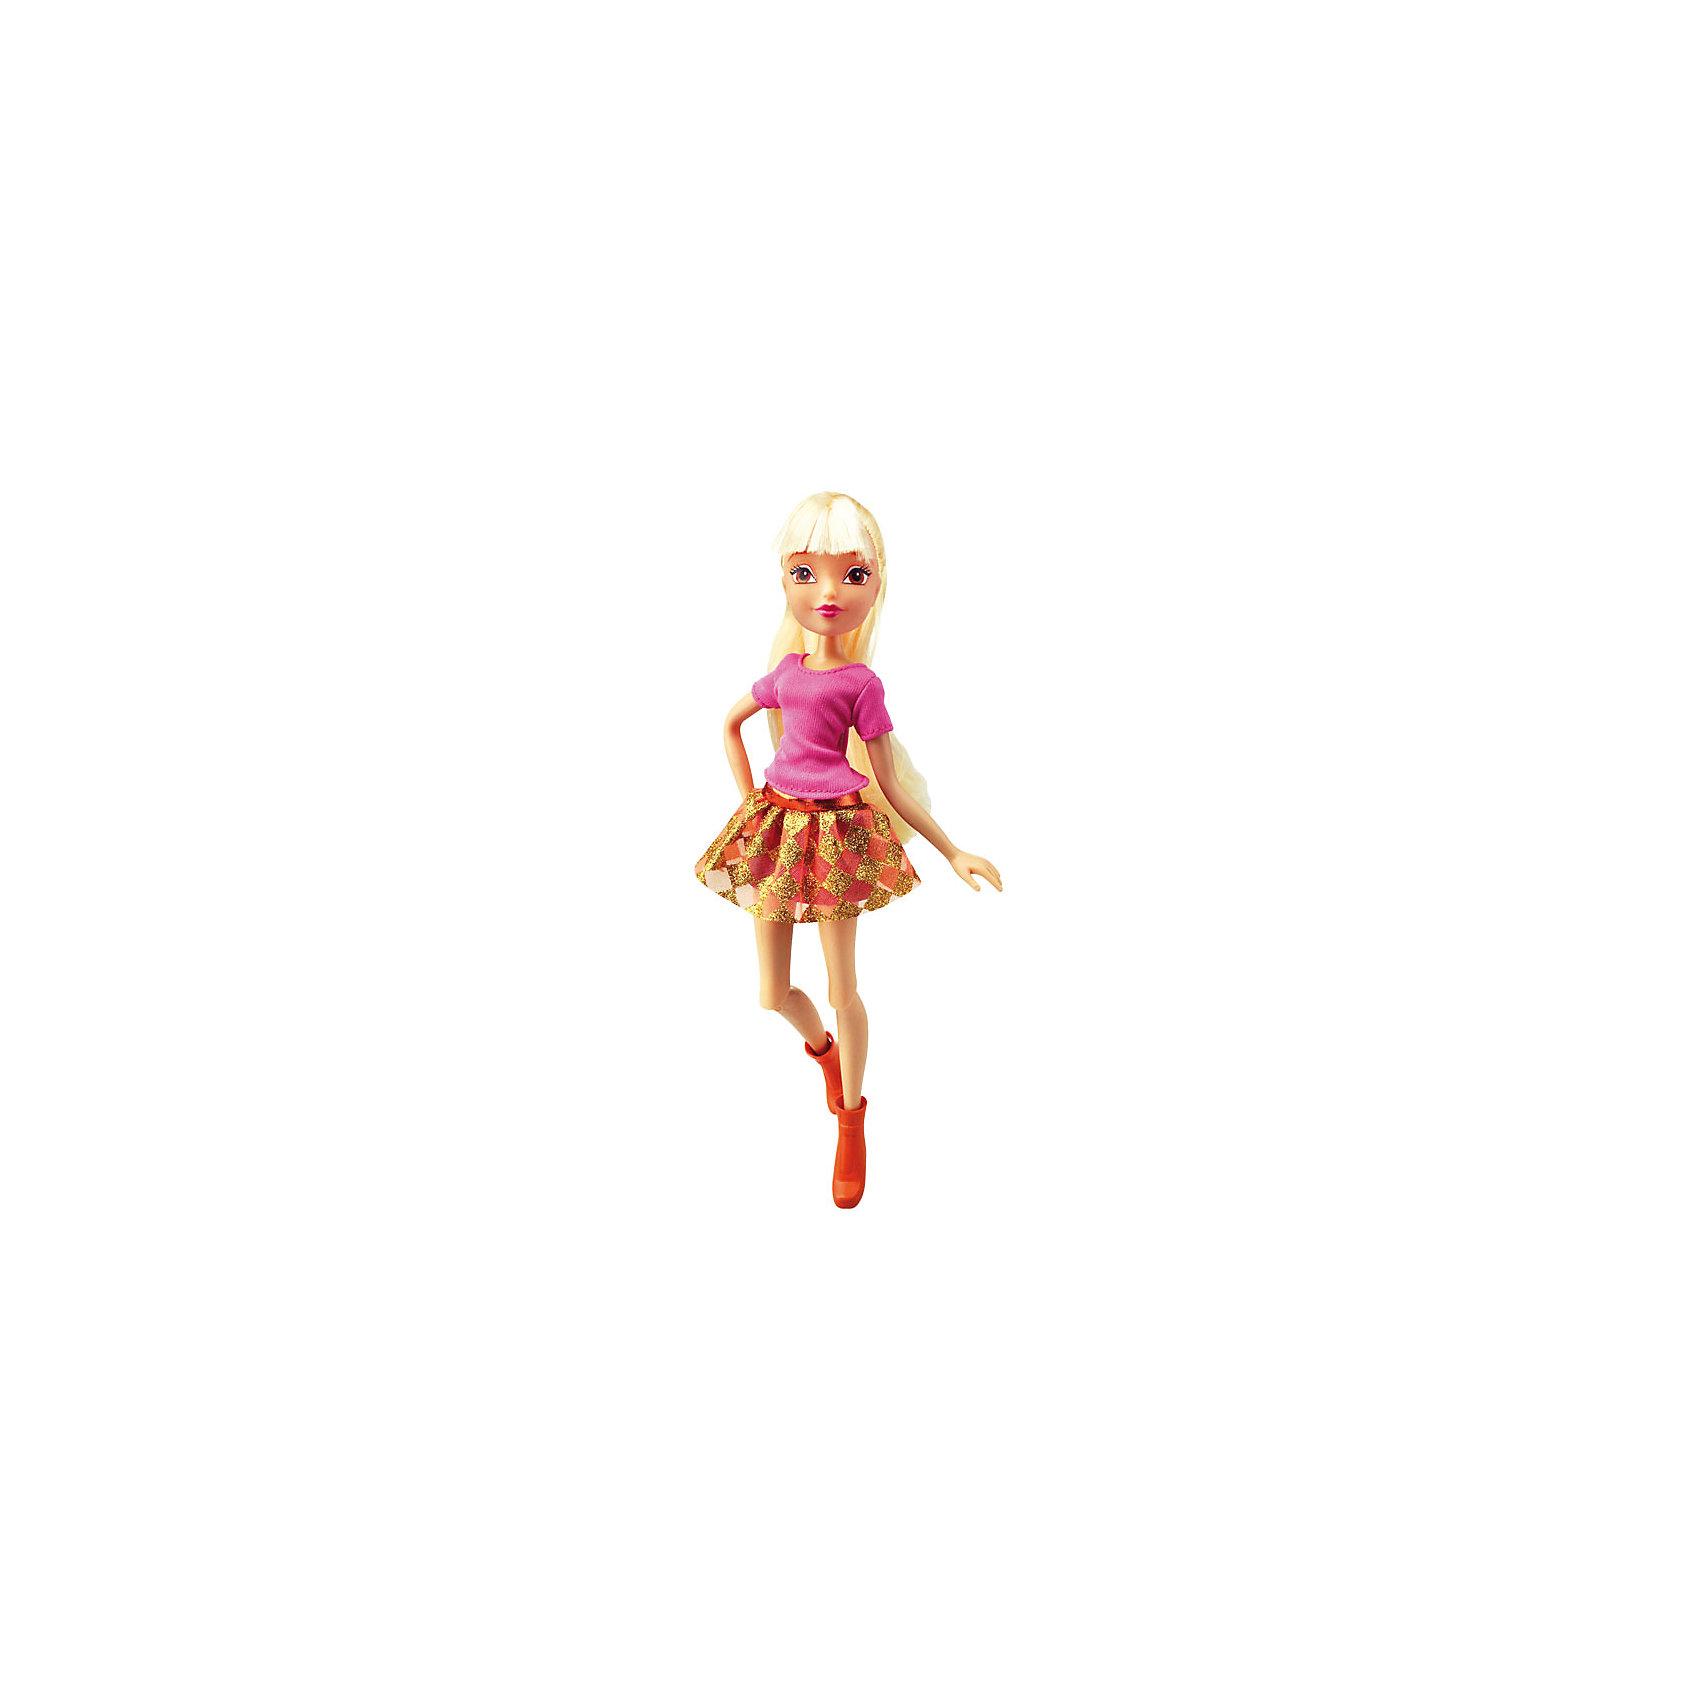 Кукла Городская магия - Стелла, Winx ClubКуклы<br>Характеристики товара:<br><br>• возраст: от 3 лет;<br>• материал: пластик, текстиль;<br>• в комплекте: кукла, наряд;<br>• высота куклы: 26 см;<br>• размер упаковки: 35х20х6 см;<br>• вес упаковки: 215 гр.;<br>• страна производитель: Китай.<br><br>Кукла Стелла «Городская магия» Winx Club создана по мотивам известного мультсериала «Клуб Винкс: Школа волшебниц» про очаровательных фей-волшебниц. Стелла — лучшая подруга главной героини Блум, с которой она любит смотреть комедии, устраивать вечеринки и ходить по магазинам.<br><br>У феи выразительные карие глаза и светлые волосы, которые можно расчесывать, заплетать и украшать. Одета Стелла в розовый топ, золотистую юбку и сапожки. У куклы несколько точек артикуляции. Руки сгибаются в локтях и плечах, ноги в бедрах и коленях.<br><br>Куклу Стеллу «Городская магия» Winx Club можно приобрести в нашем интернет-магазине.<br><br>Ширина мм: 190<br>Глубина мм: 320<br>Высота мм: 60<br>Вес г: 256<br>Возраст от месяцев: 36<br>Возраст до месяцев: 2147483647<br>Пол: Женский<br>Возраст: Детский<br>SKU: 5383946